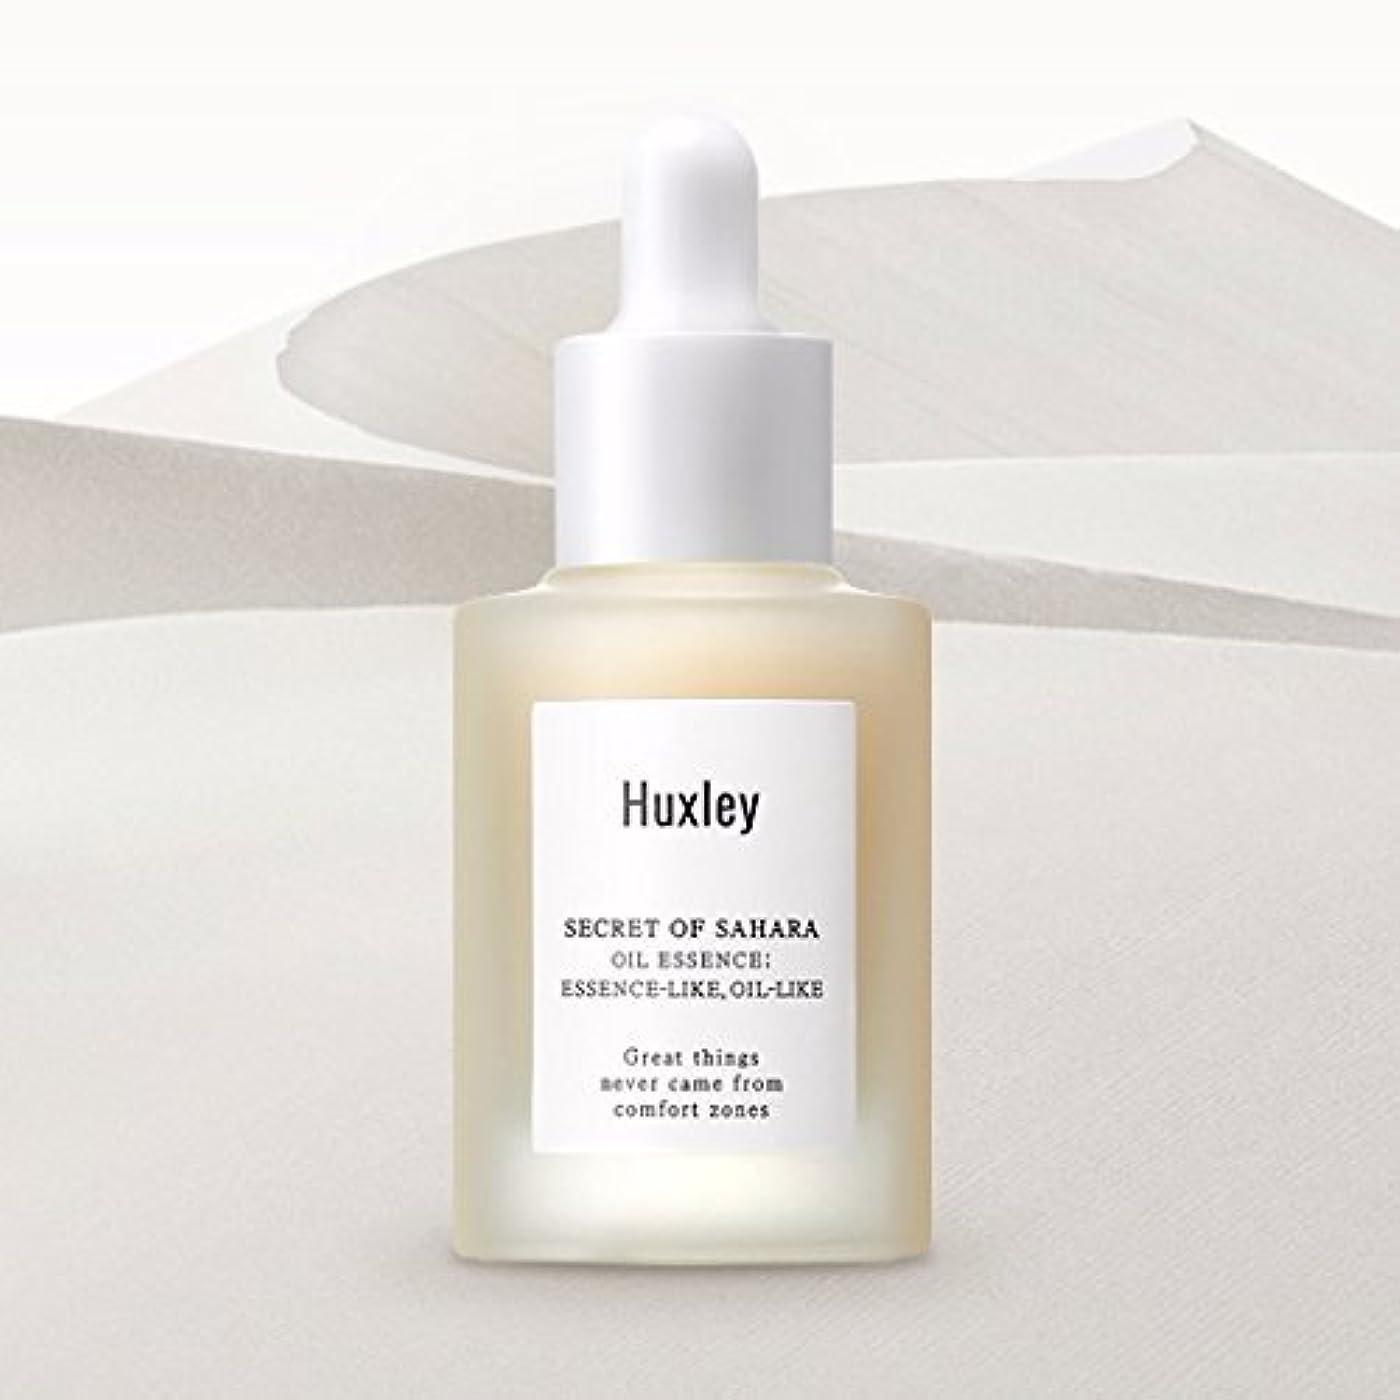 バングラデシュ連想肥料ハクスリー サハラ砂漠の秘密オイルエッセンス30ml / Huxley Secret of Sahara OIL Essence (Essence-Like, Oil-Like) 30ml (1.01fl.oz.) Made...